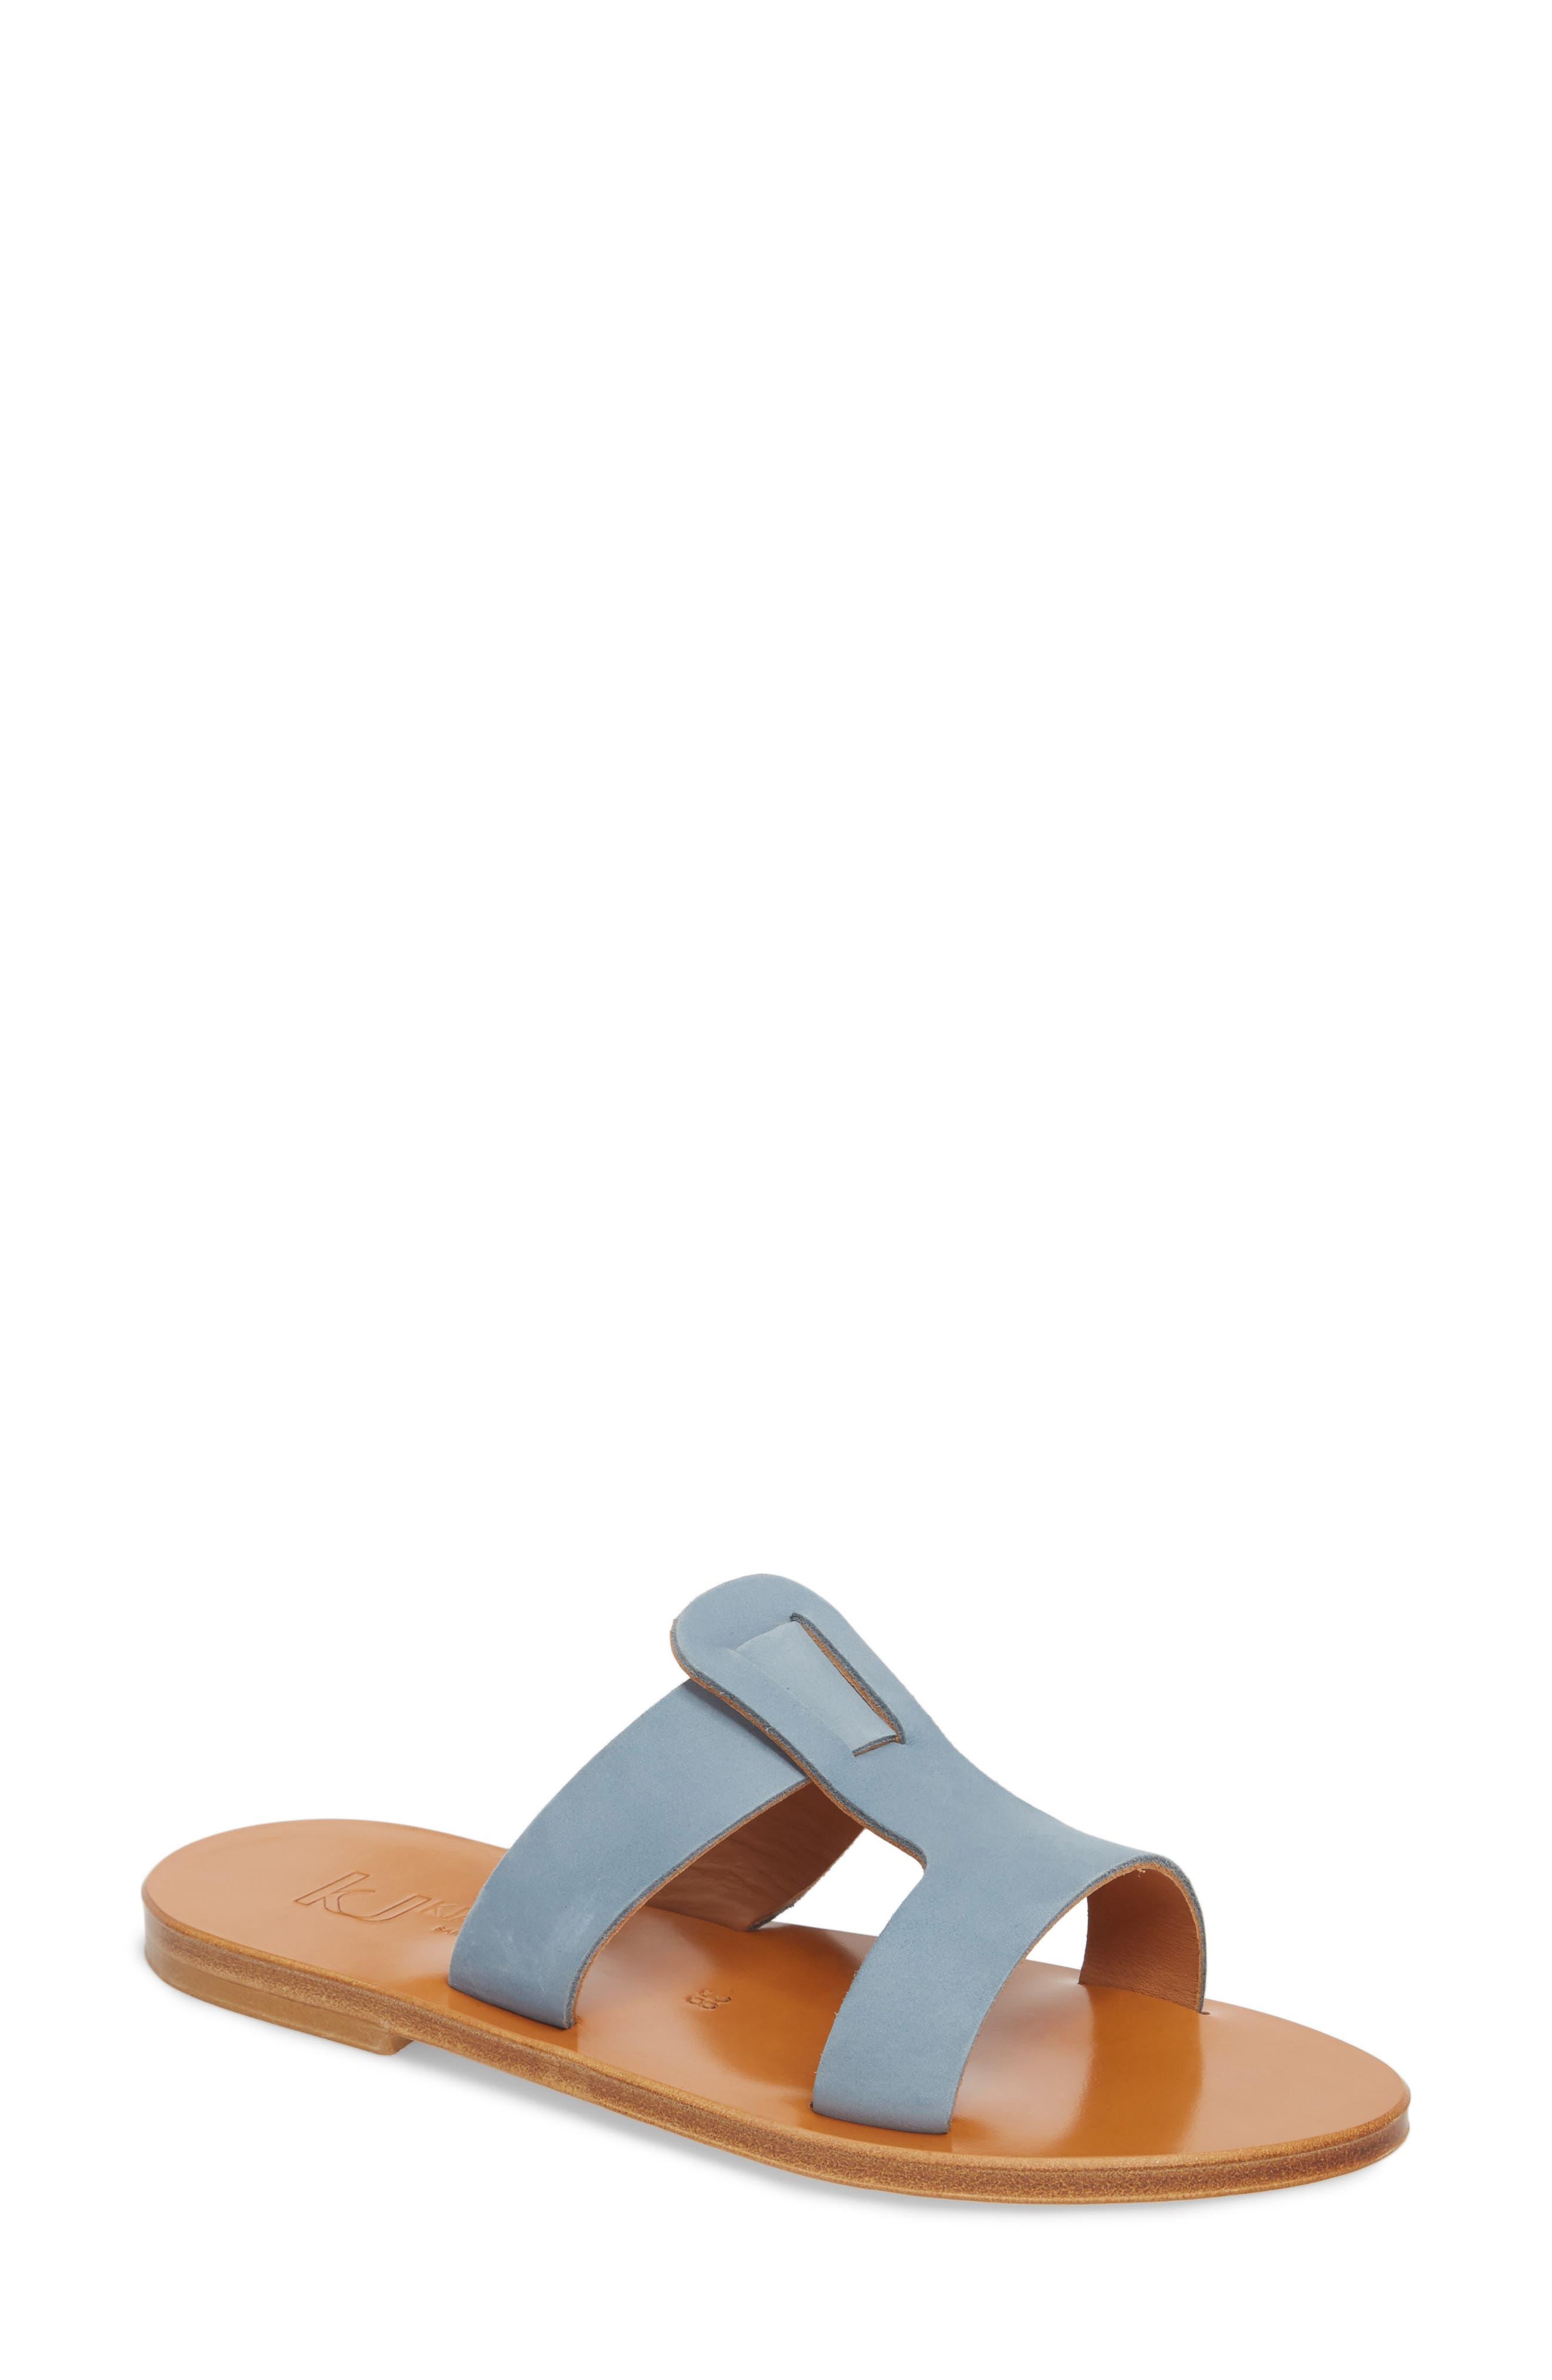 K. Jacques St. Tropez Slide Sandal,                             Main thumbnail 1, color,                             021